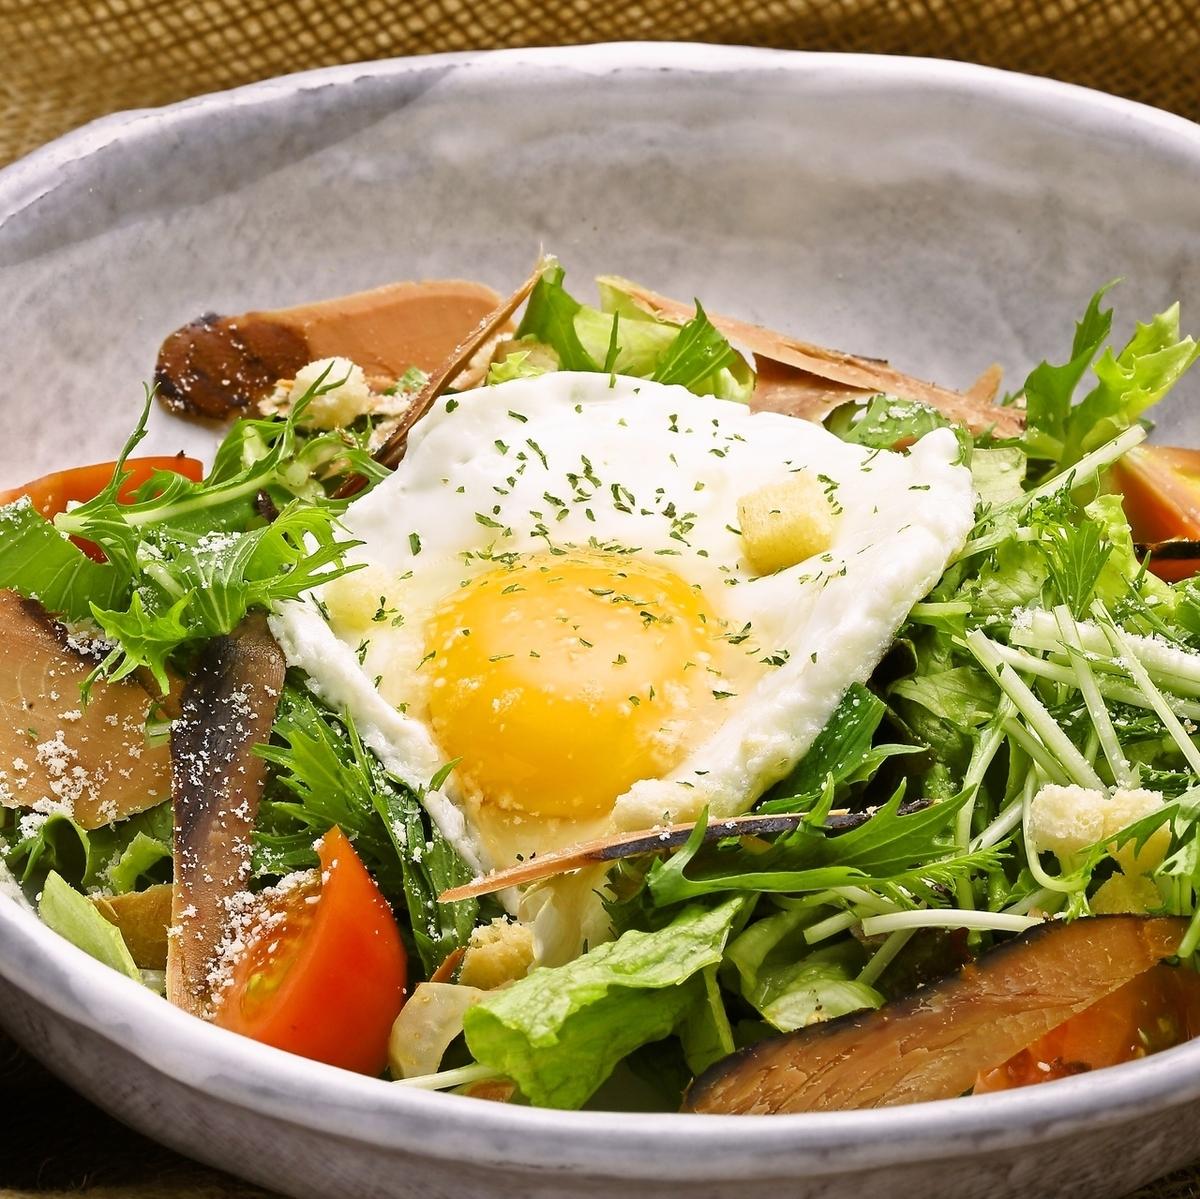 注意:請注意Hamayoshiya的騙局旋轉木馬和土佐的水果番茄凱撒沙拉